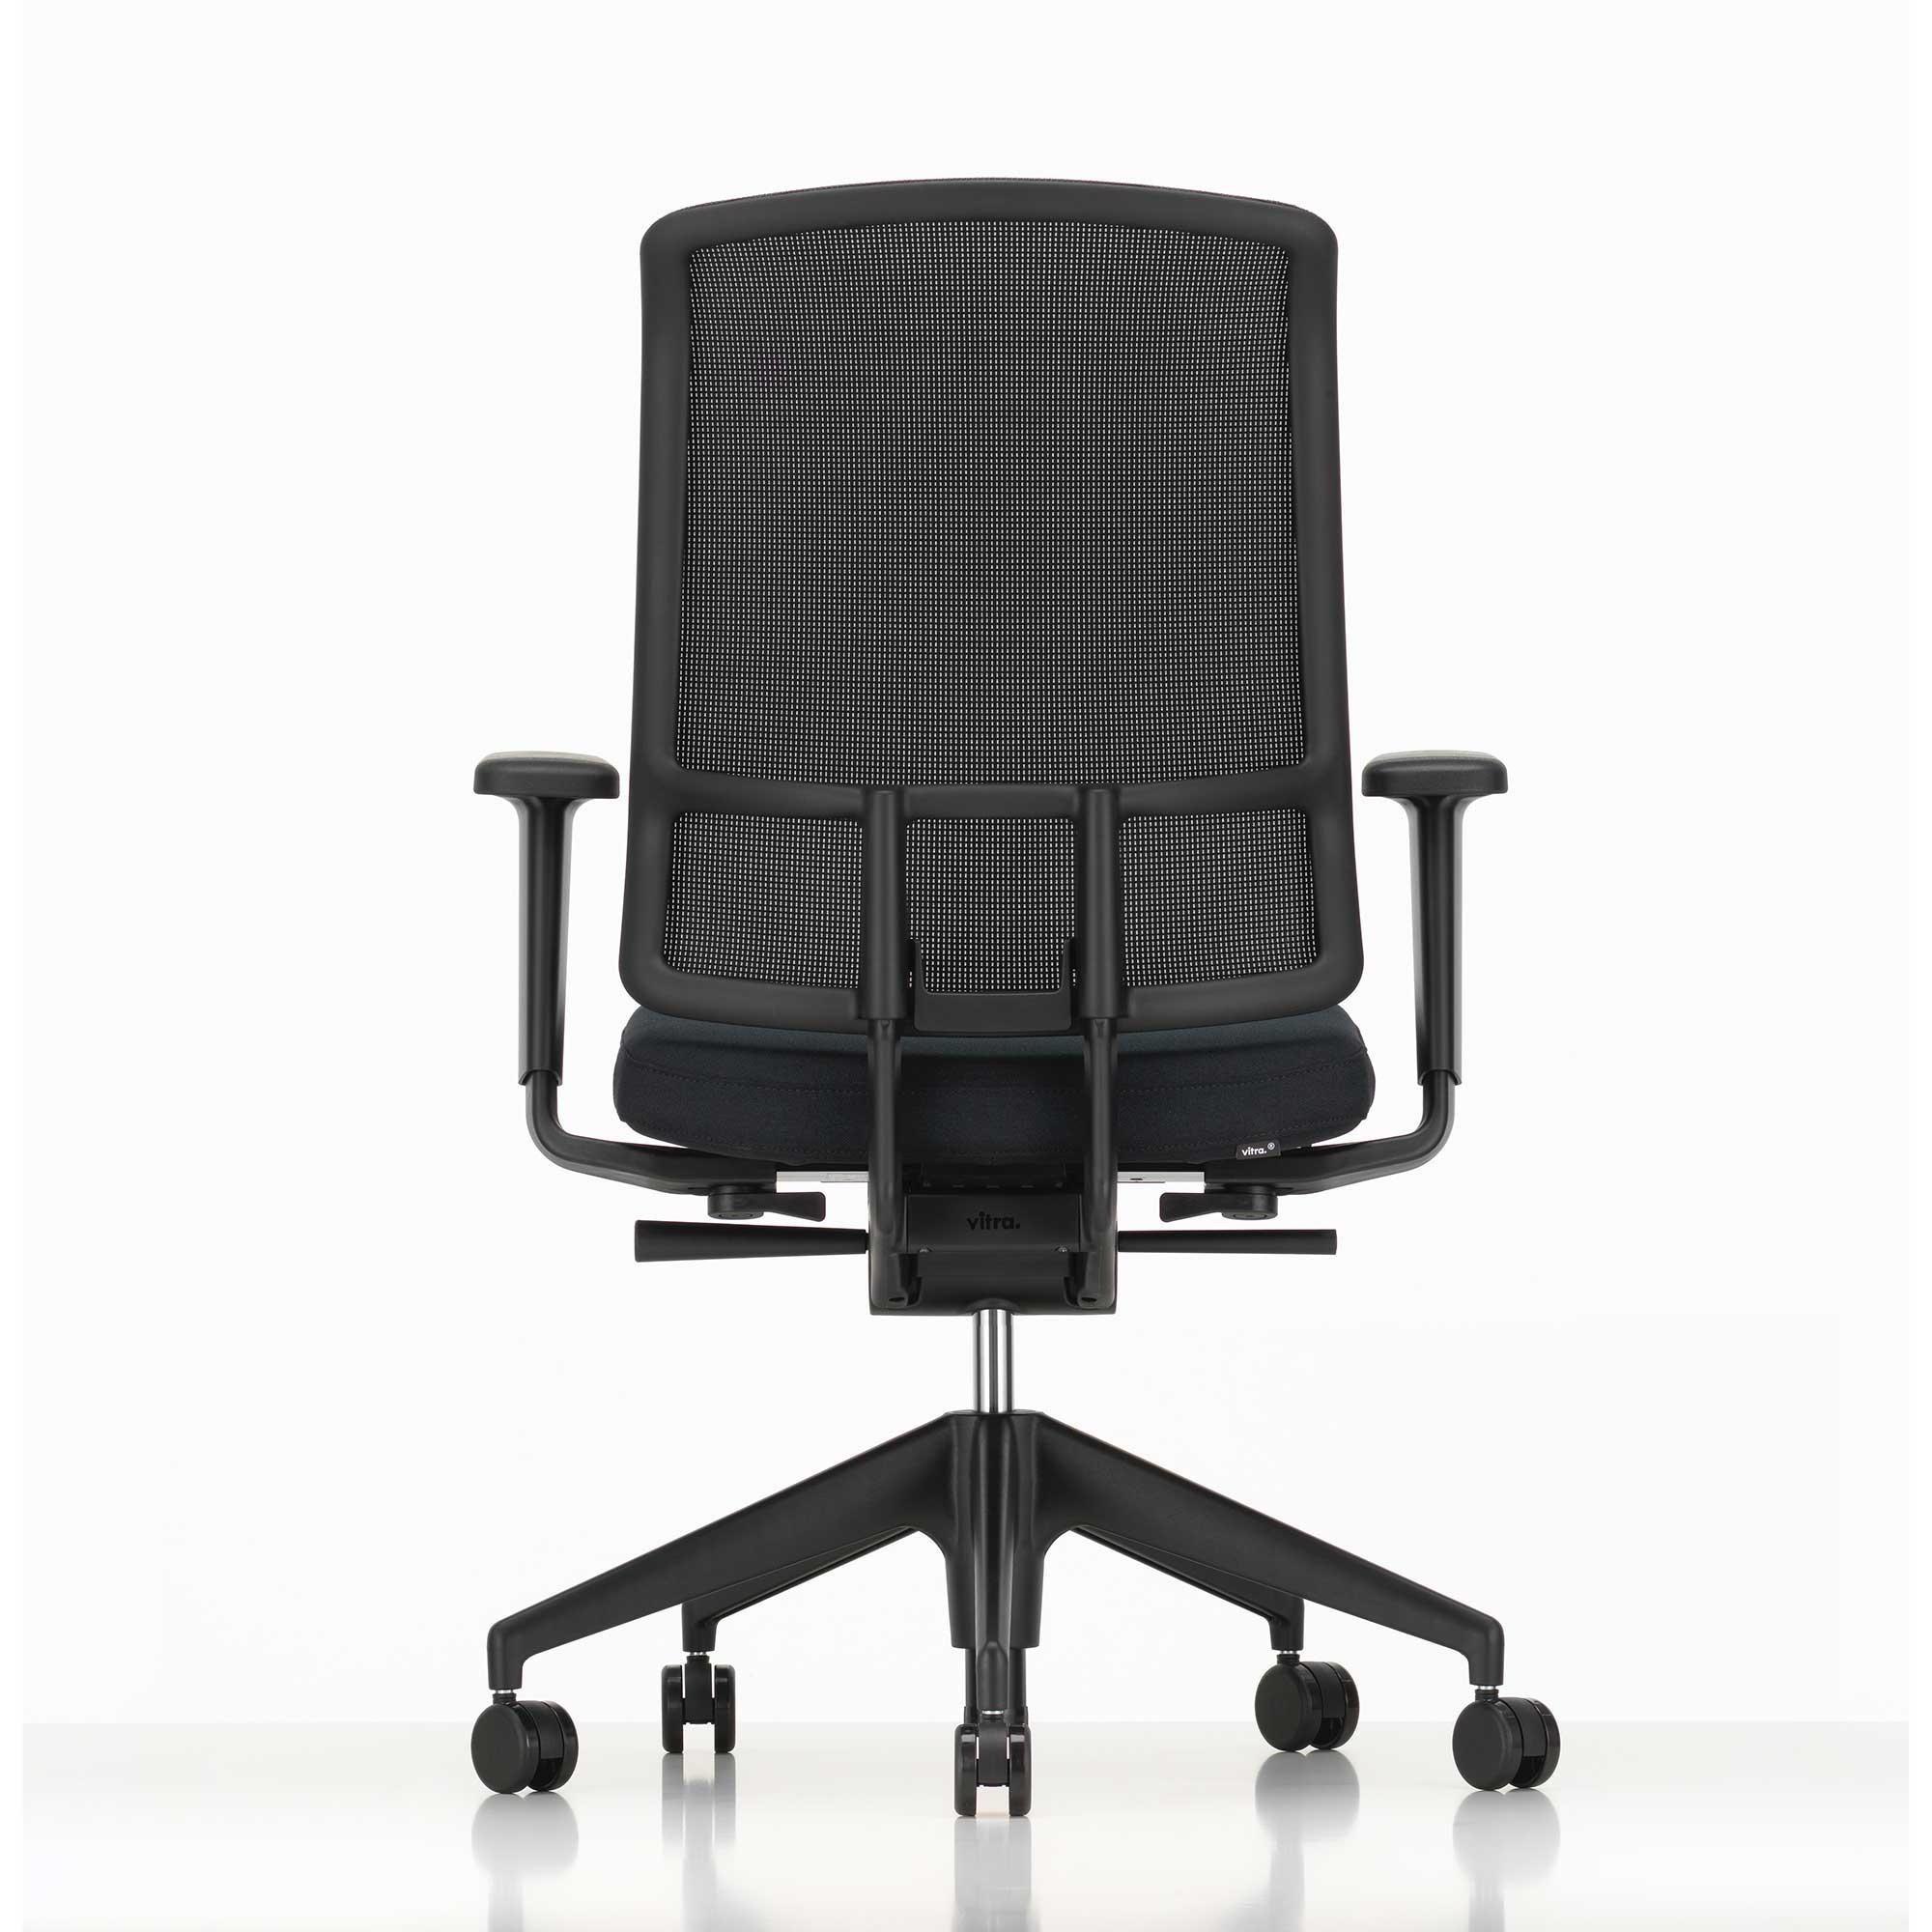 Vitra am chair silla giratoria de oficina ambientedirect - Sillas vitra precios ...